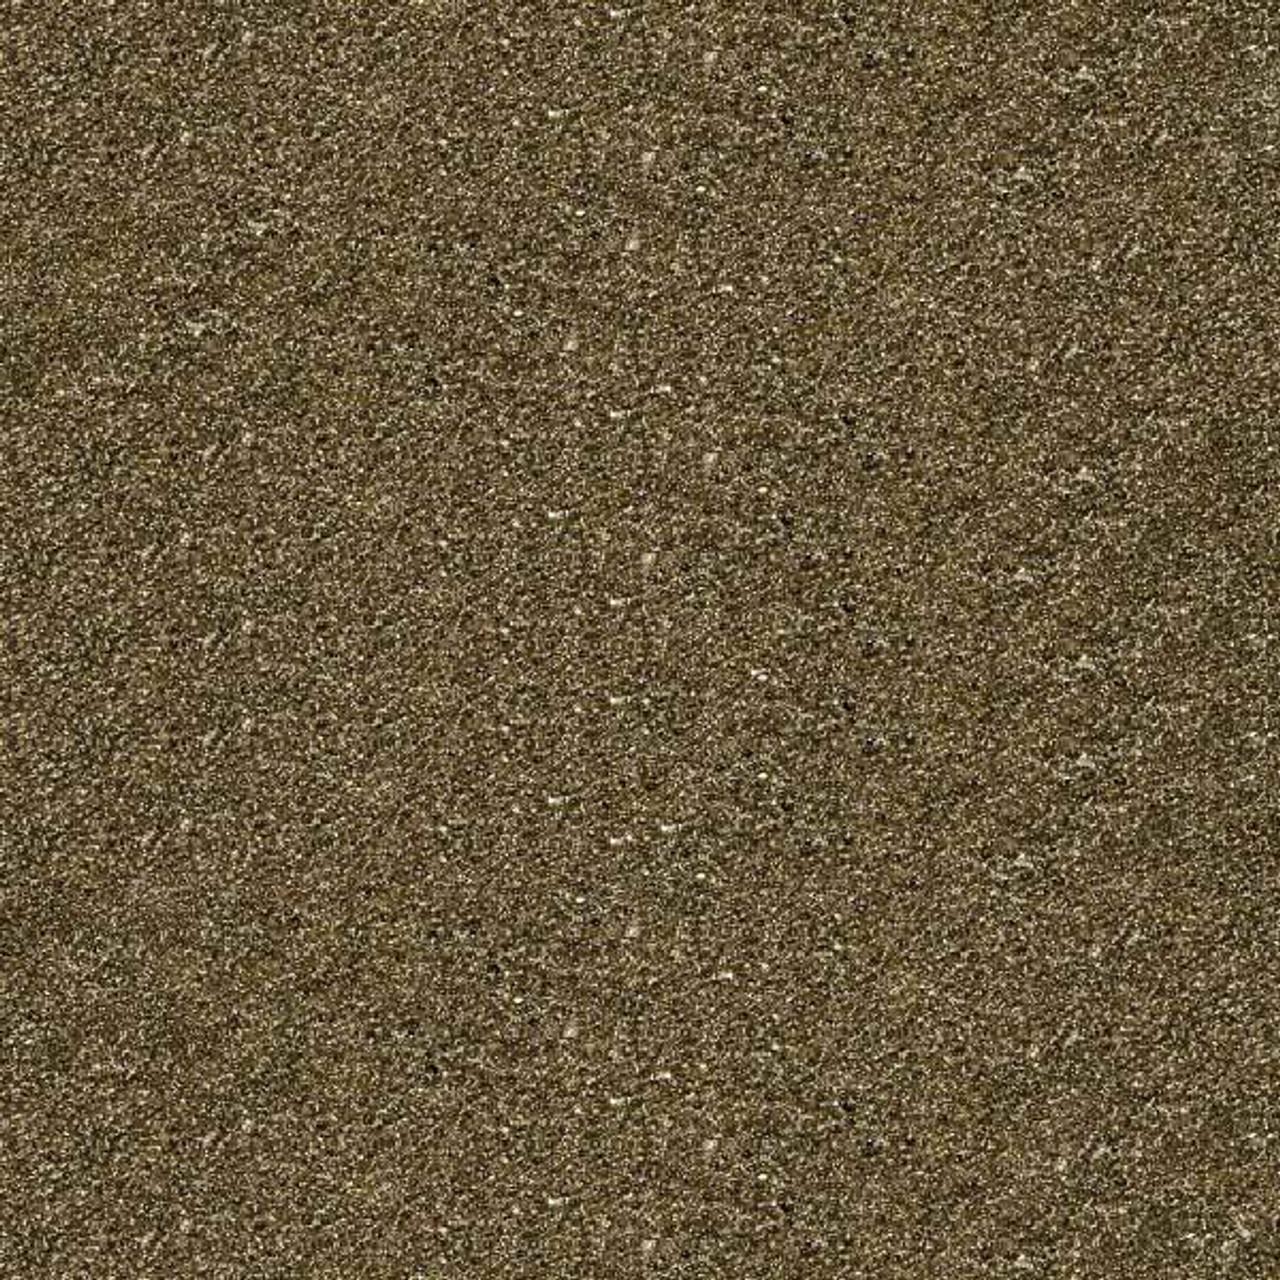 Bostik Bostik Dimension Reflective Grout Bronze